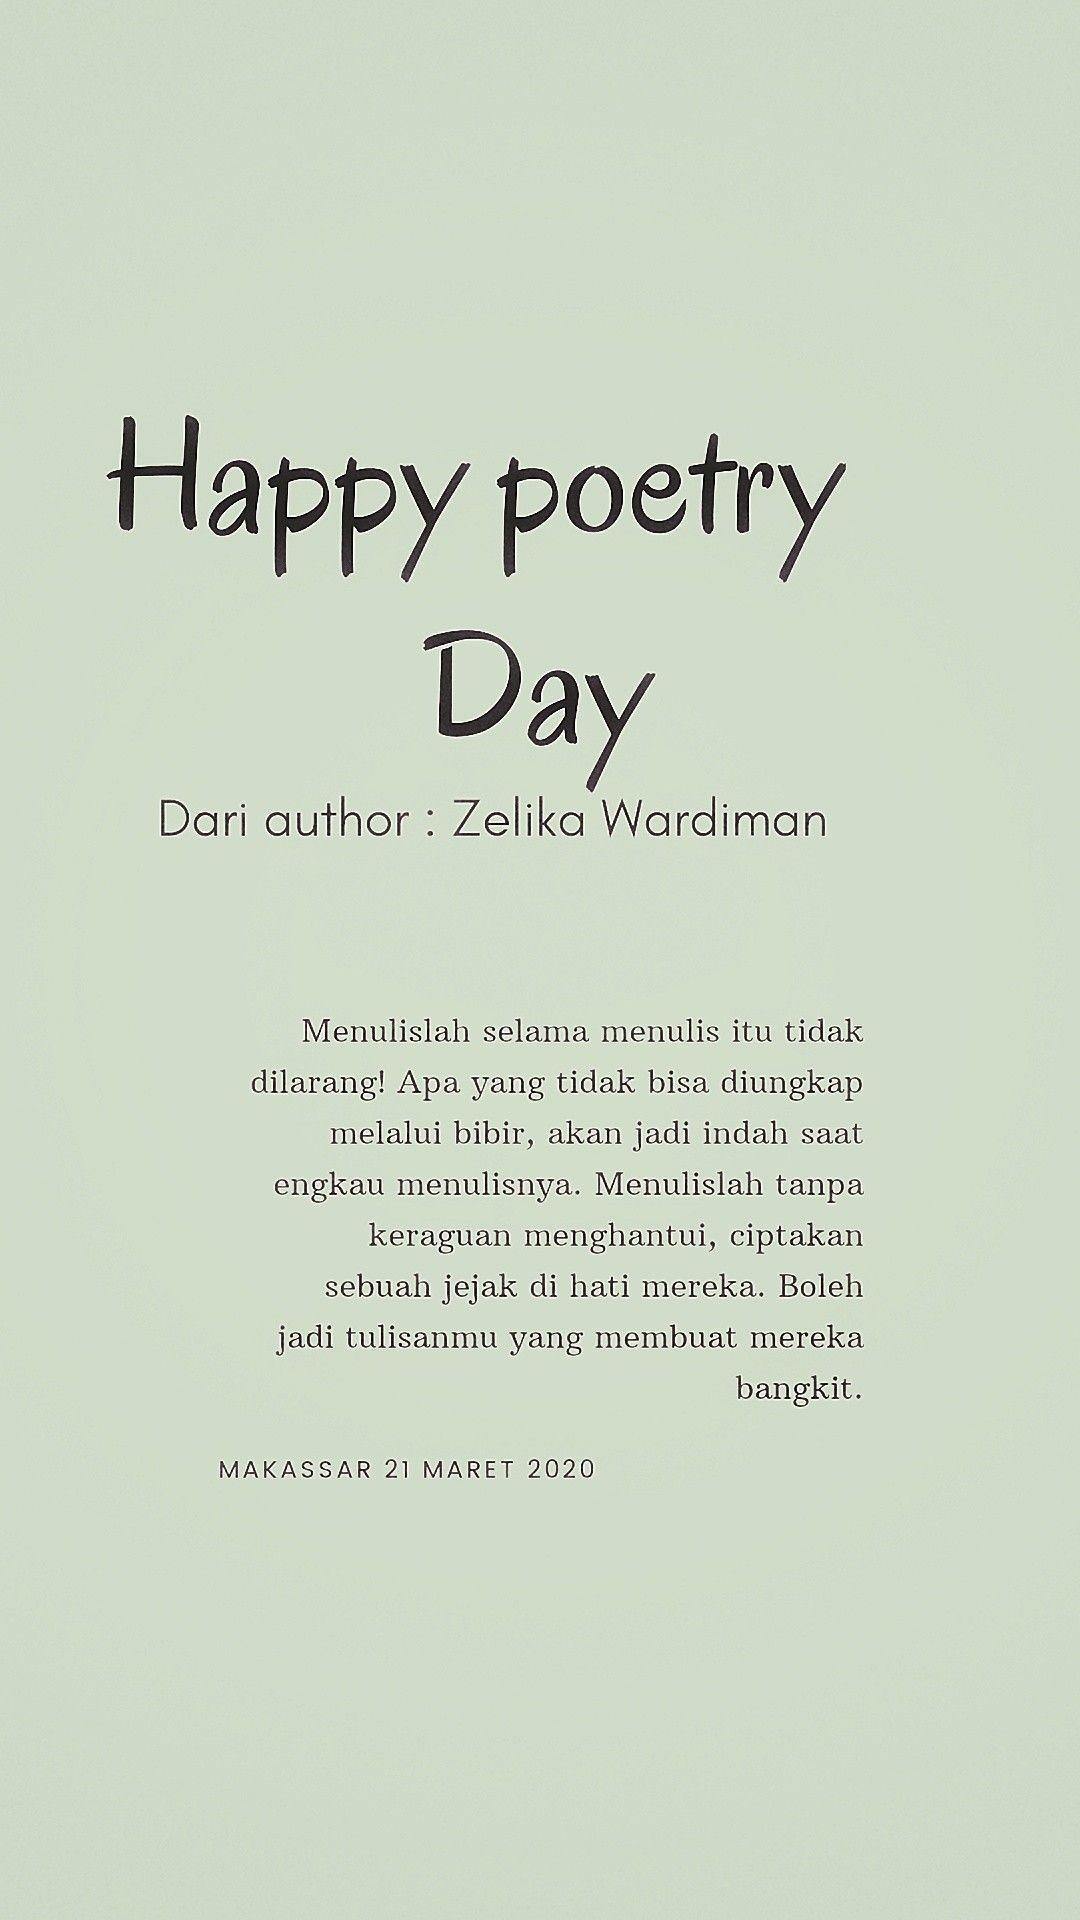 Happy Poetry Day Kutipan Motivasi Menjadi Penulis Motivasi